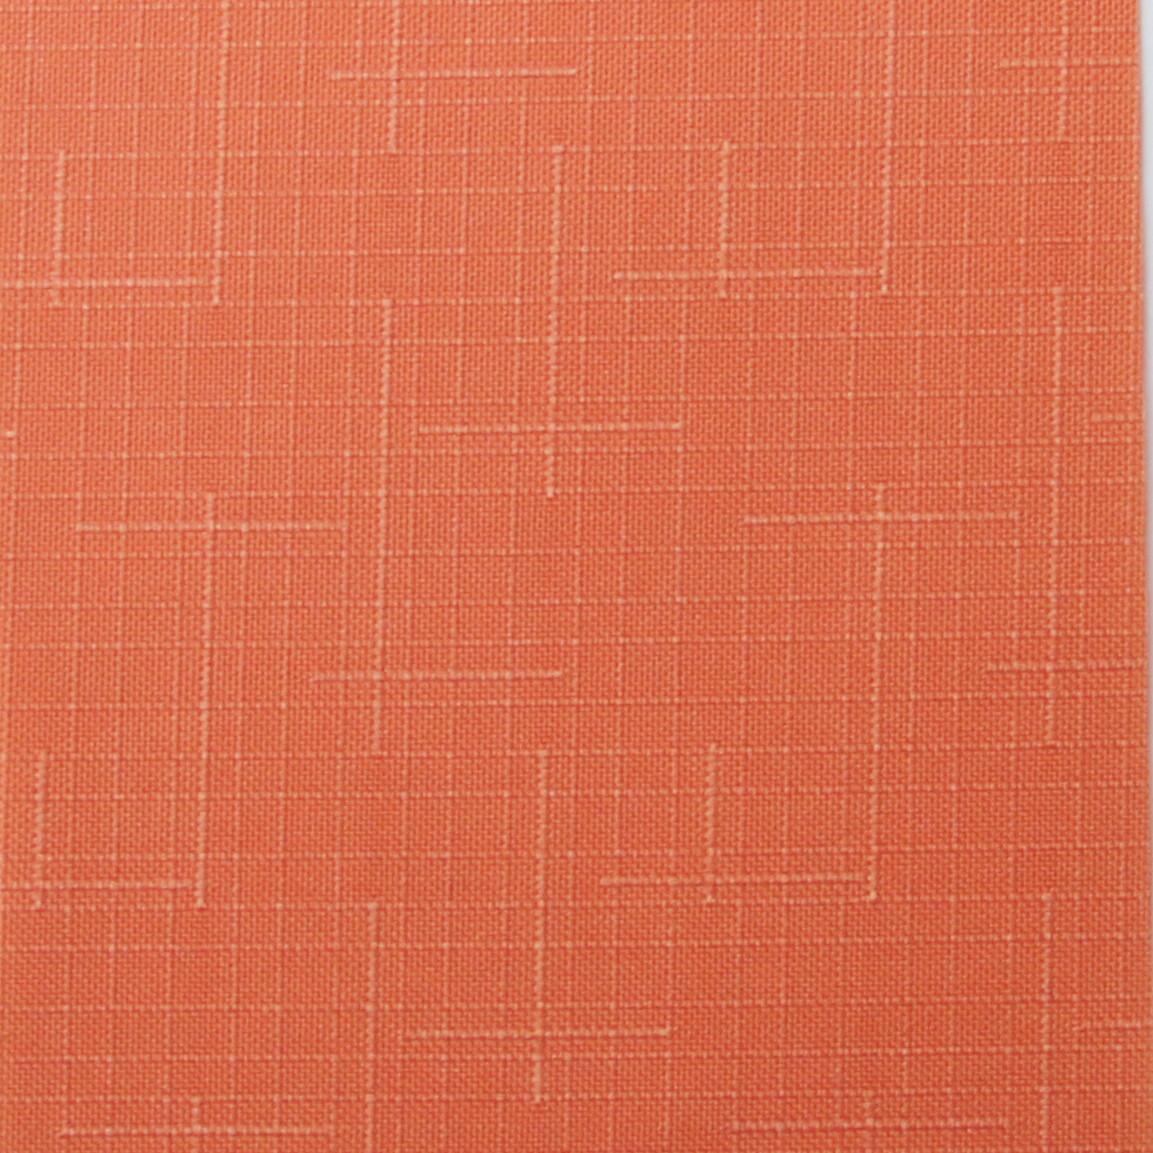 Рулонні штори Тканина Льон 860 Червоно-оранжевий